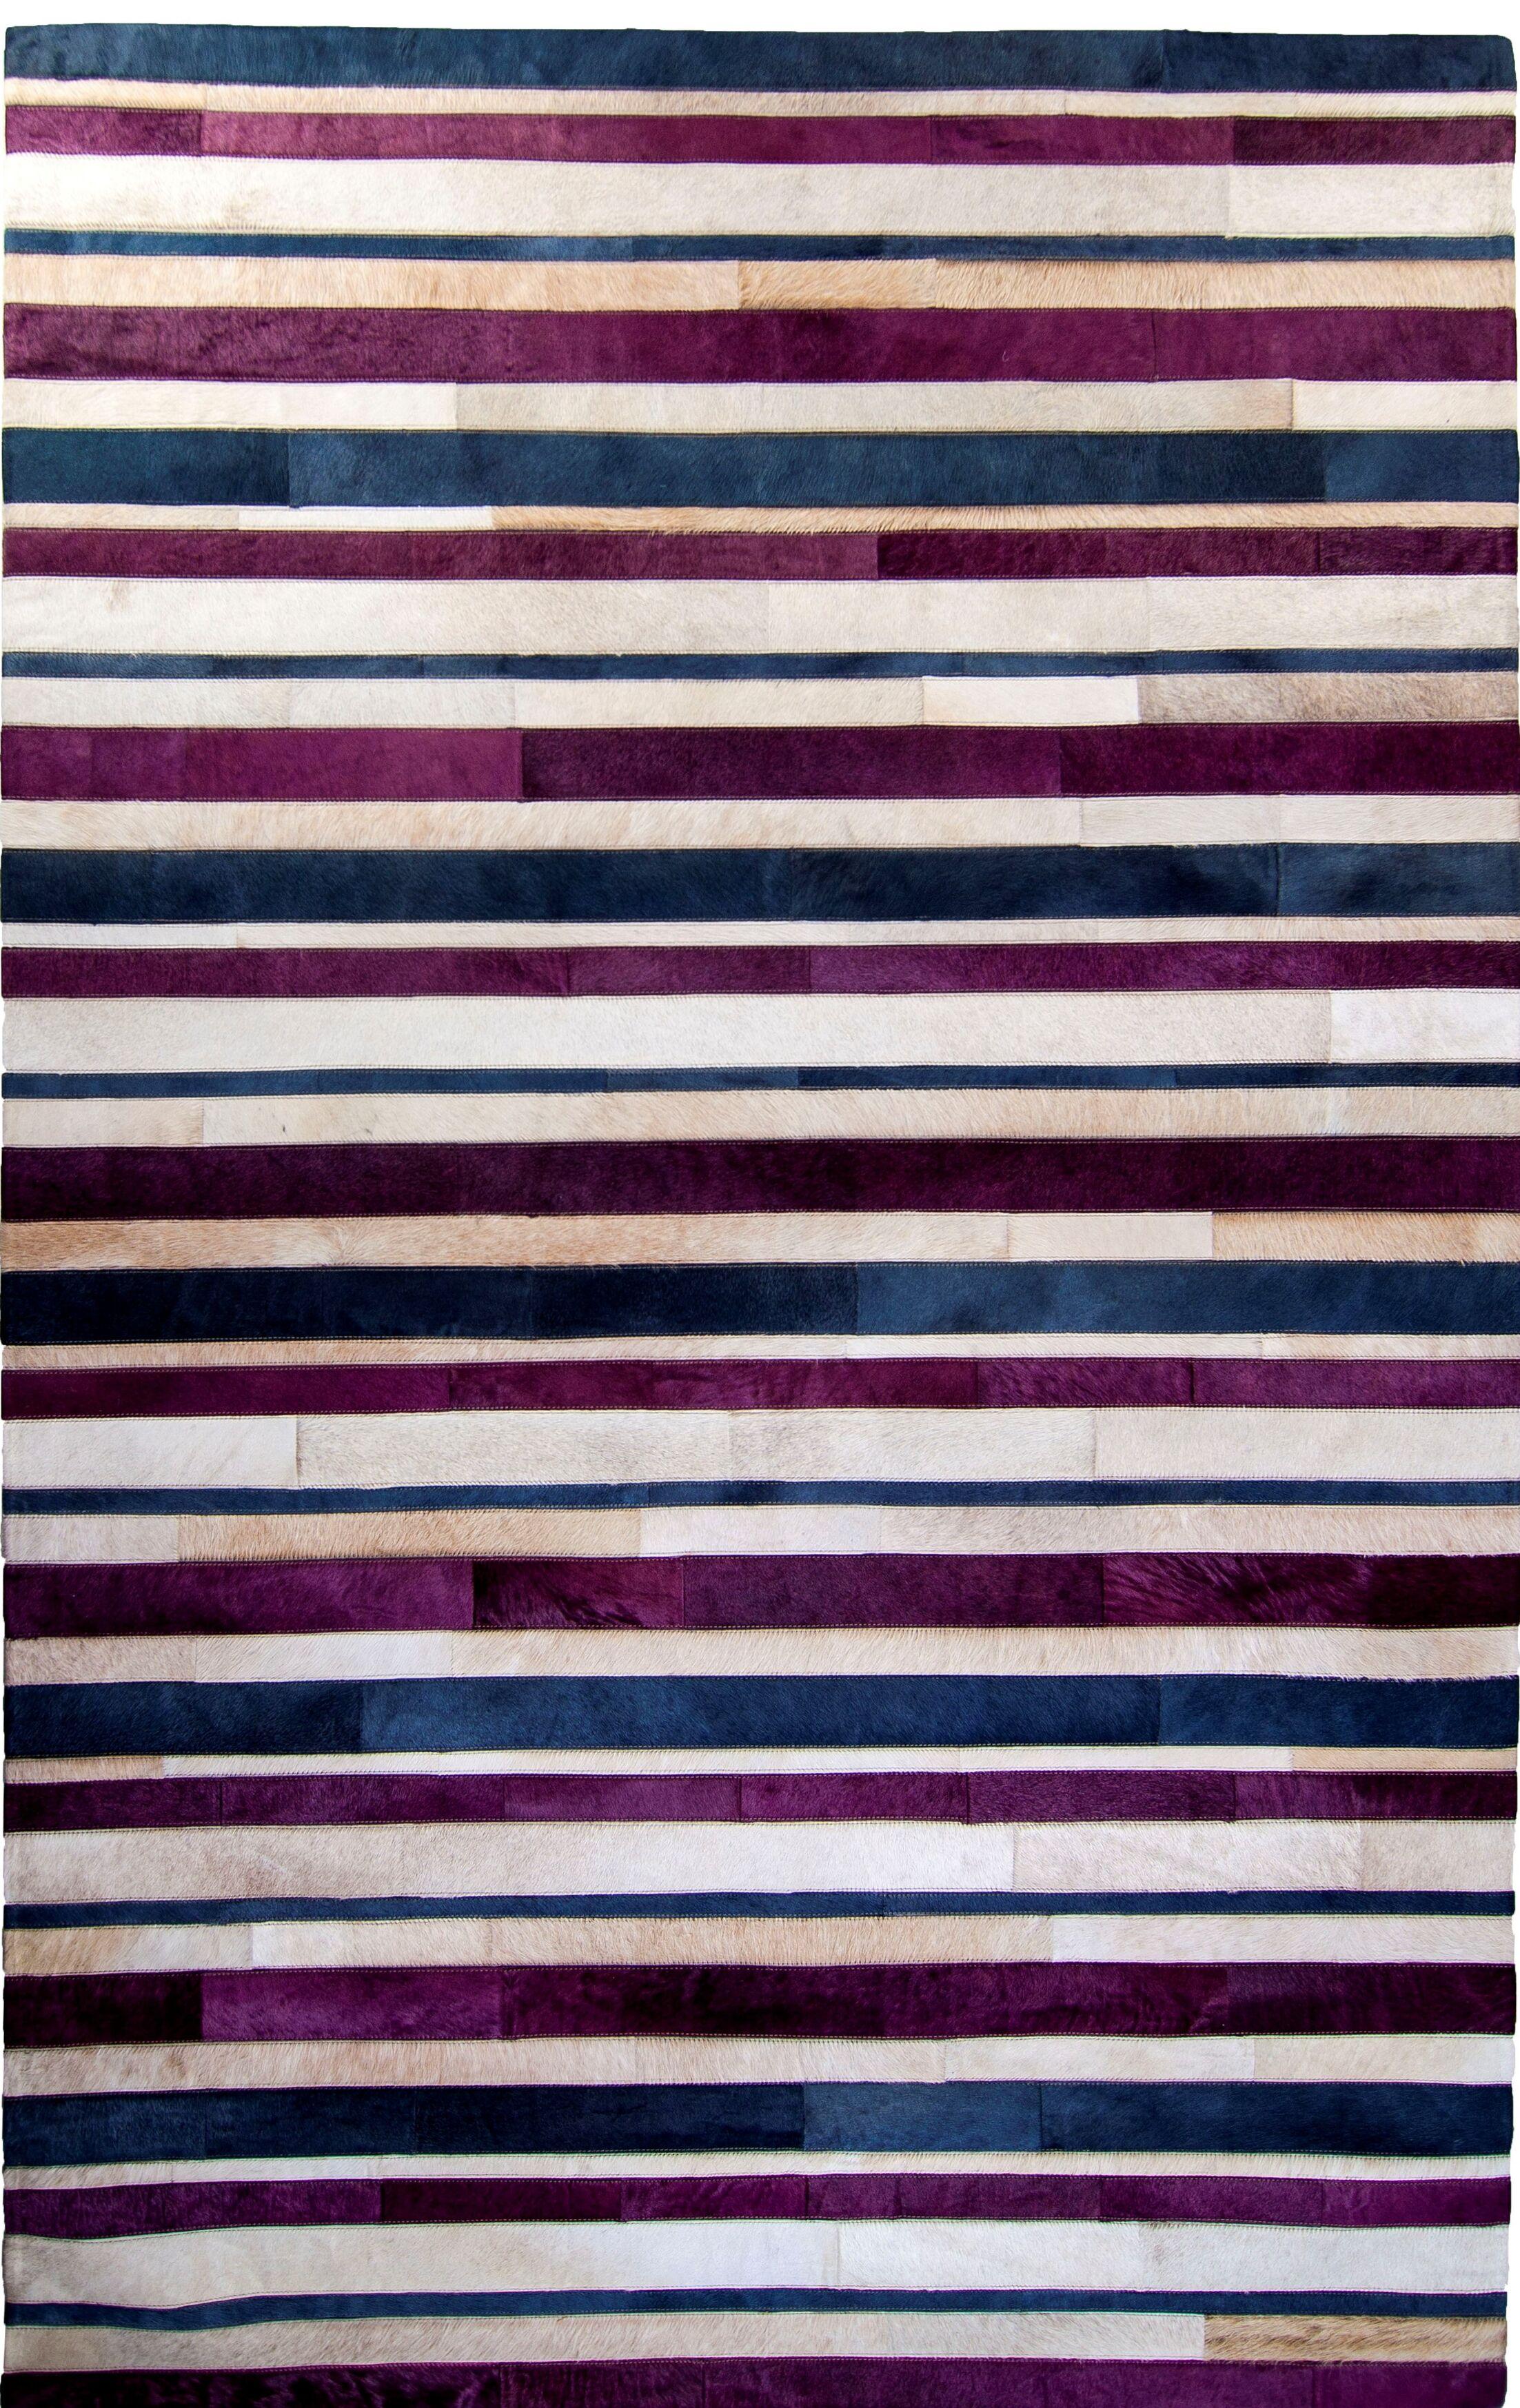 One-of-a-Kind Housman Hand-Woven Cowhide Purple/Blue Area Rug Rug Size: Rectangle 8' x 10'